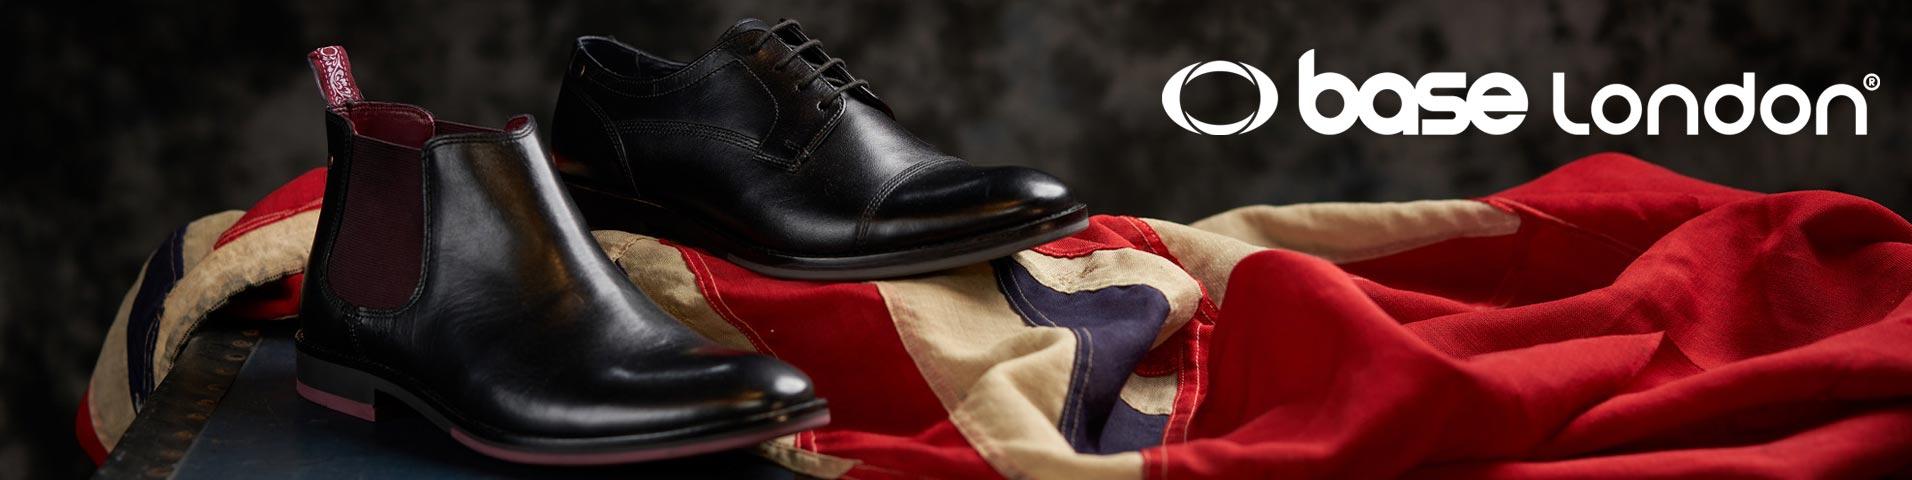 Base London Udsalg | Tøj, sko og accessories på tilbud